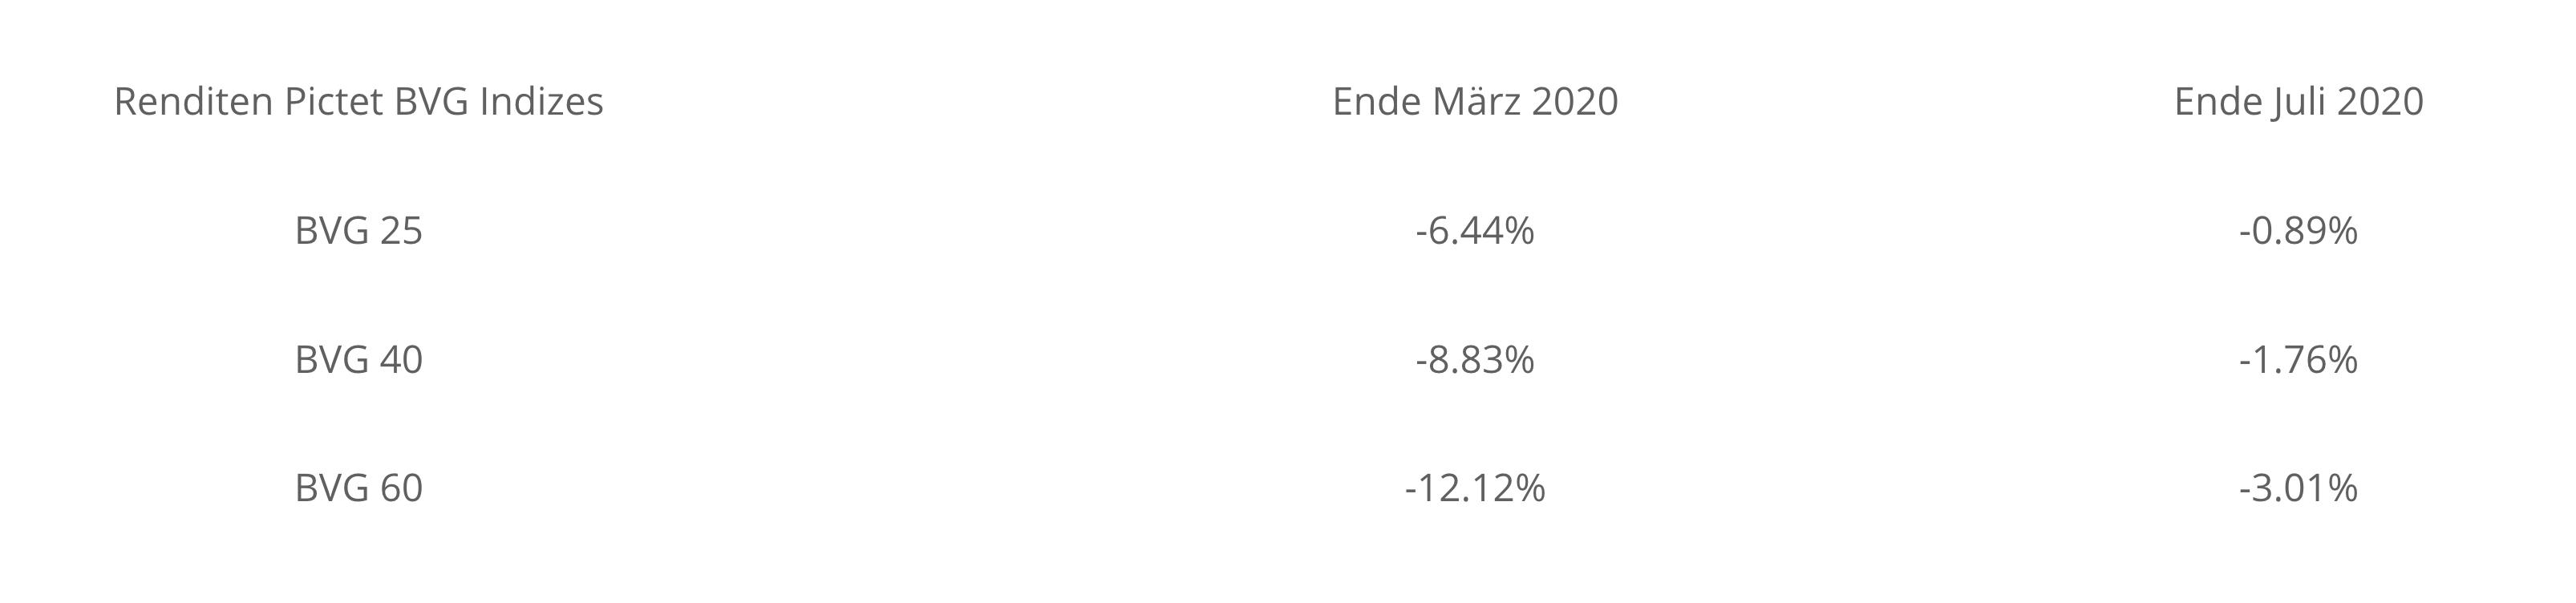 ie Anlagemärkte in den ersten 7 Monaten